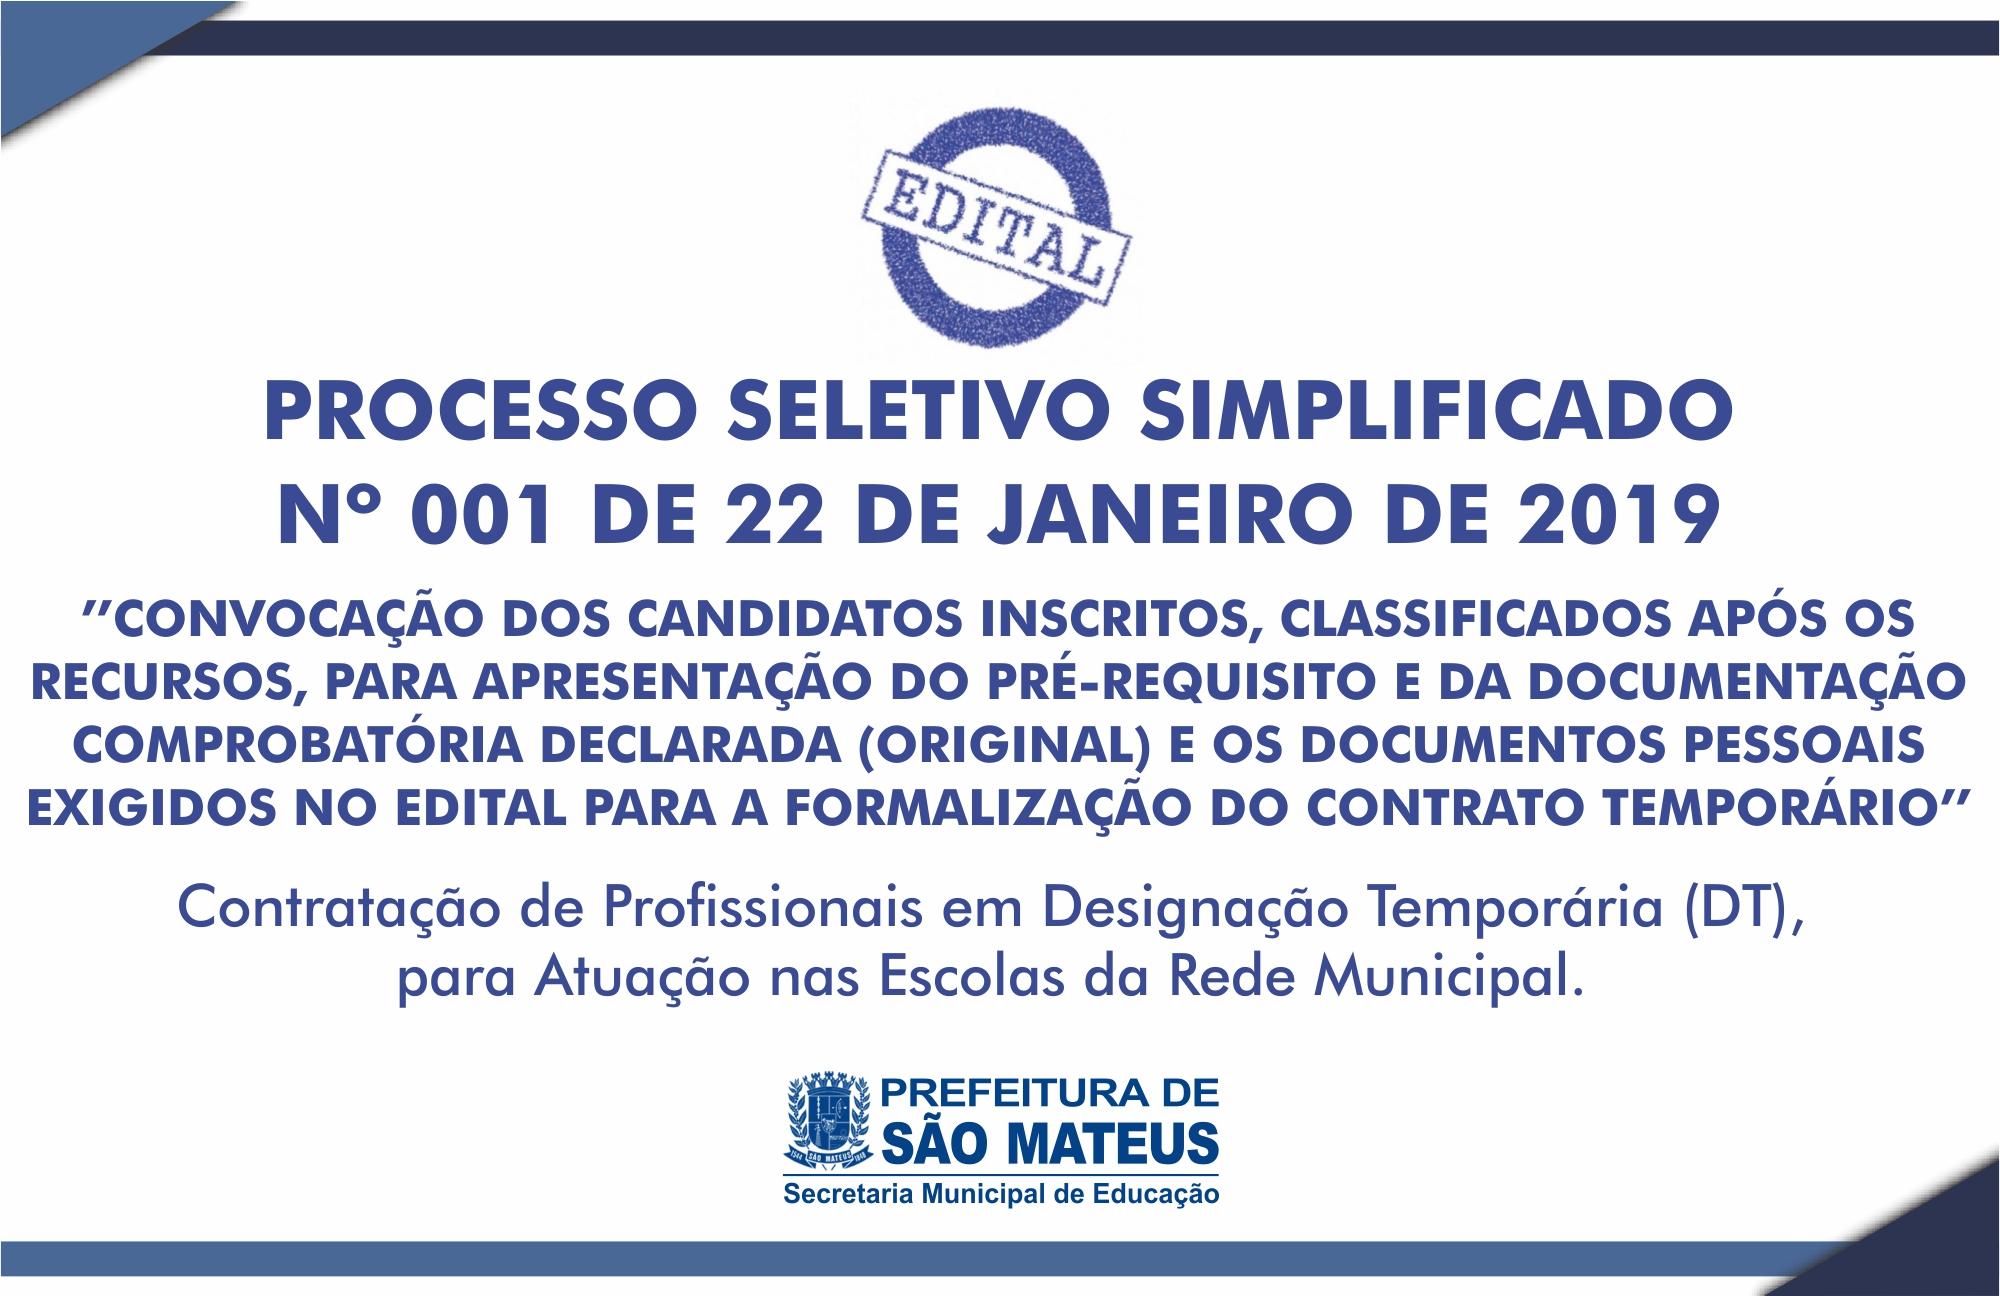 Divulgada A Convocação Nº 001 - Dos Candidatos Para Entrega De Documentos - Processo Seletivo N° 001/2019